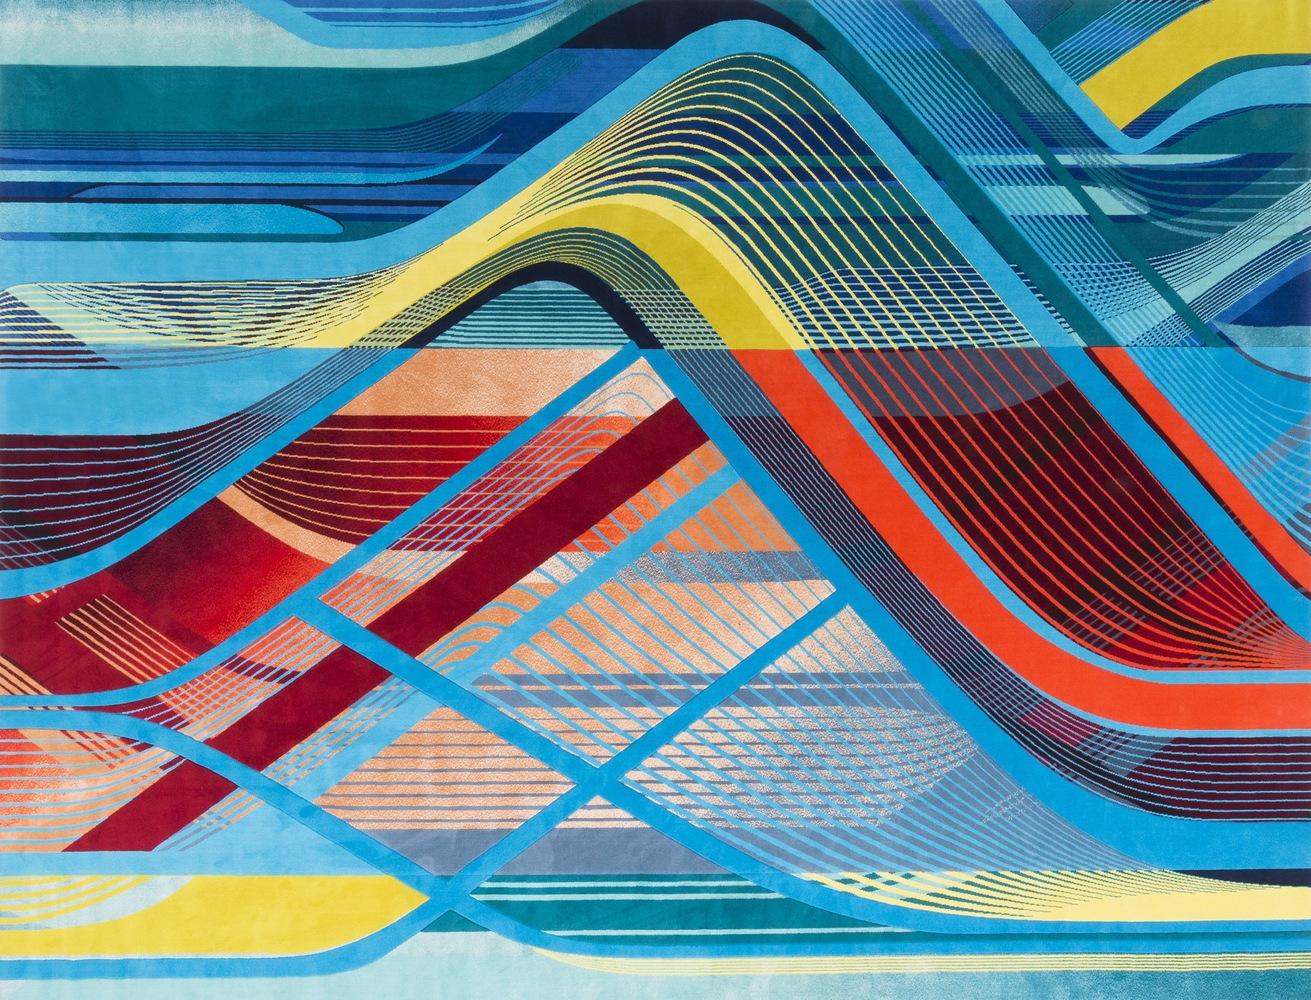 طراحی فرش توسط معماران زاها حدید در جشنواره طراحی لندن 2018